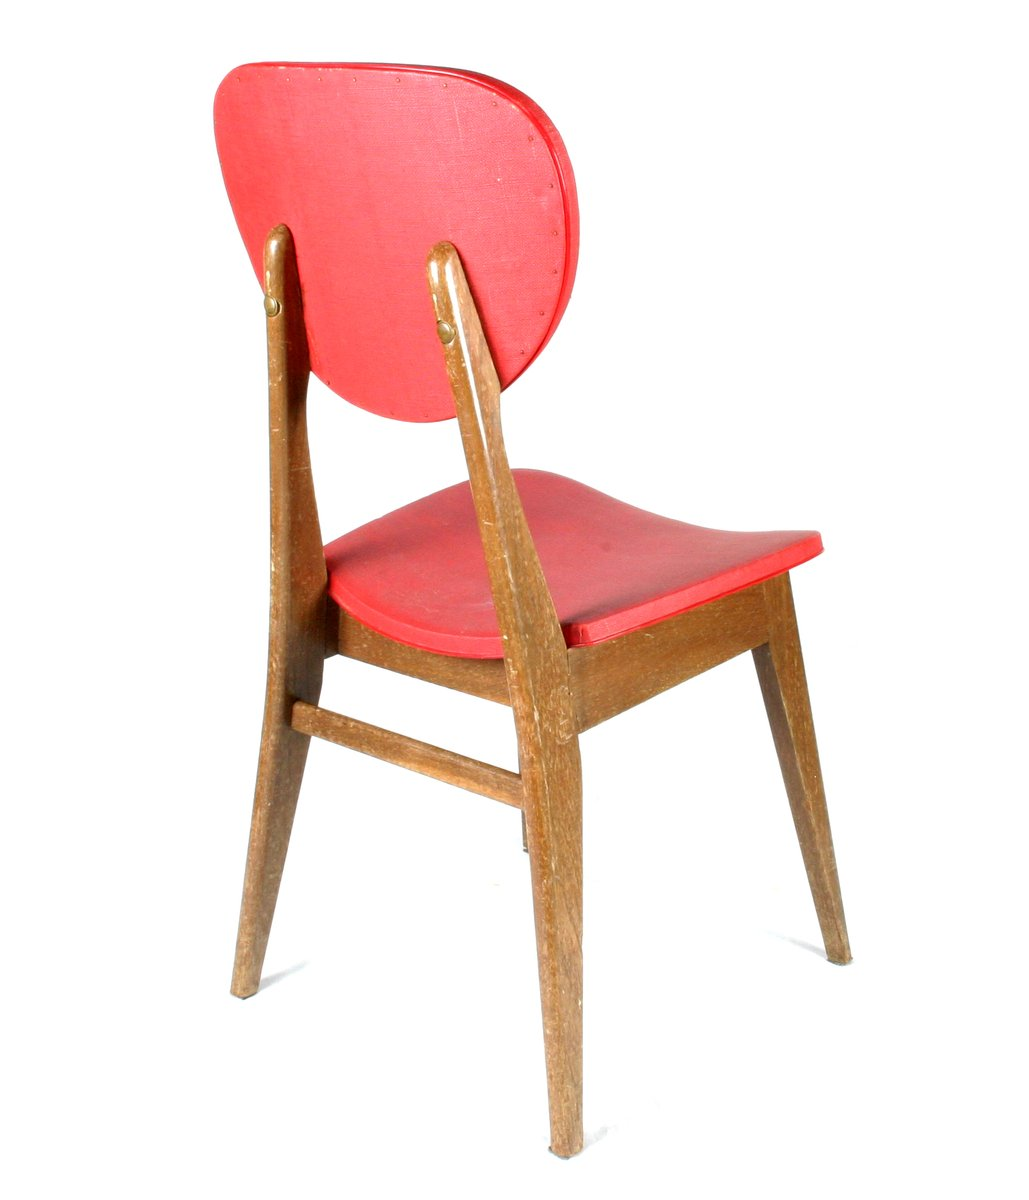 chaises vintage en bois rouge set de 4 en vente sur pamono. Black Bedroom Furniture Sets. Home Design Ideas